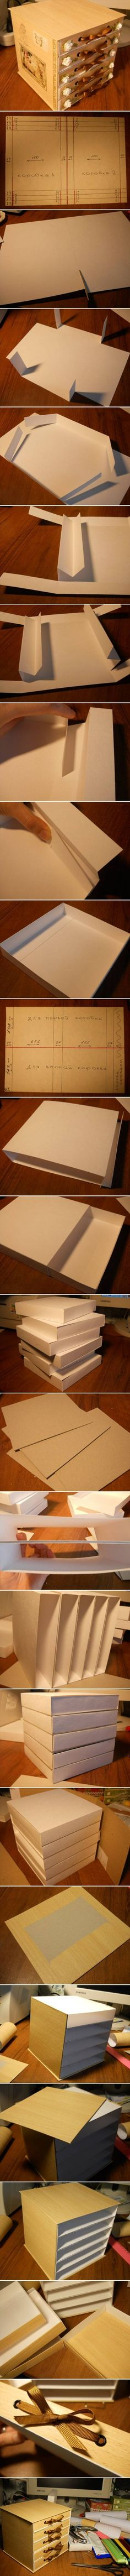 DIY Cute Cardboard Chest by diyforever